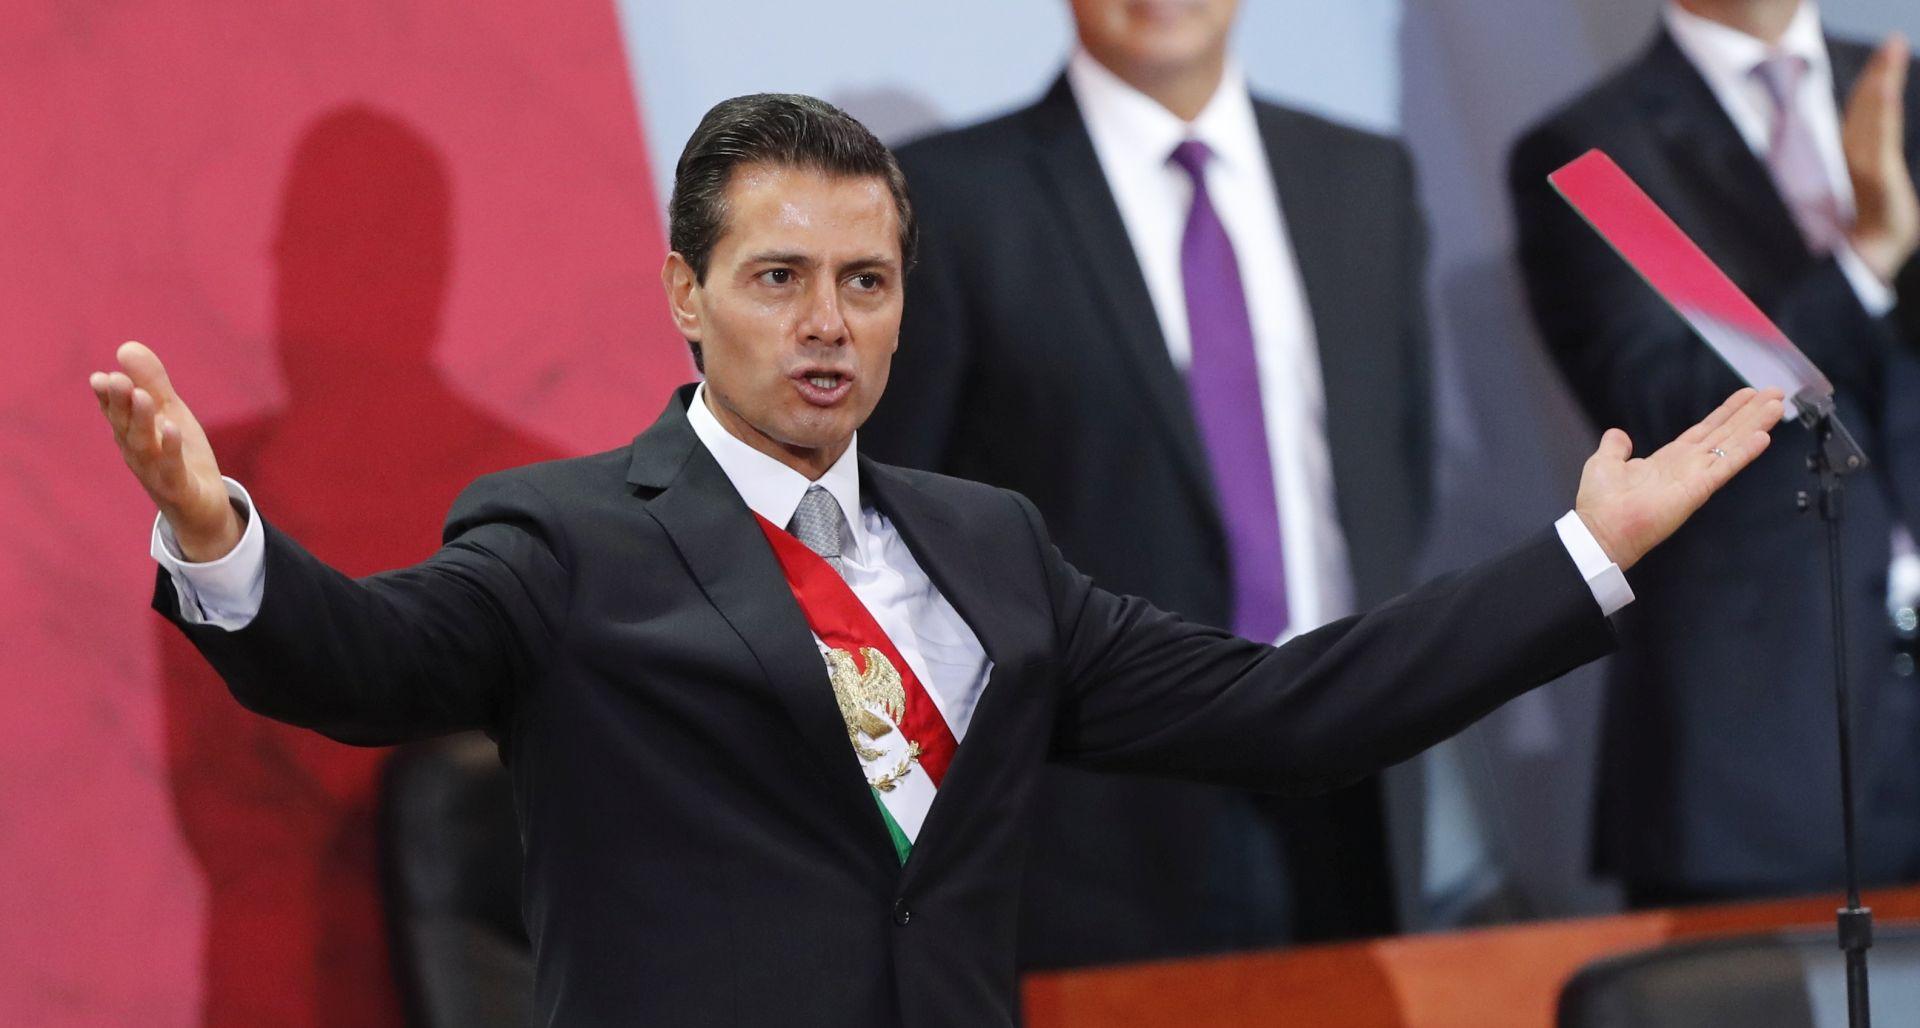 """PENA NIETO 'Meksiko neće prihvatiti uvrede protiv """"nacionalnog dostojanstva"""" od Trumpove administracije'"""